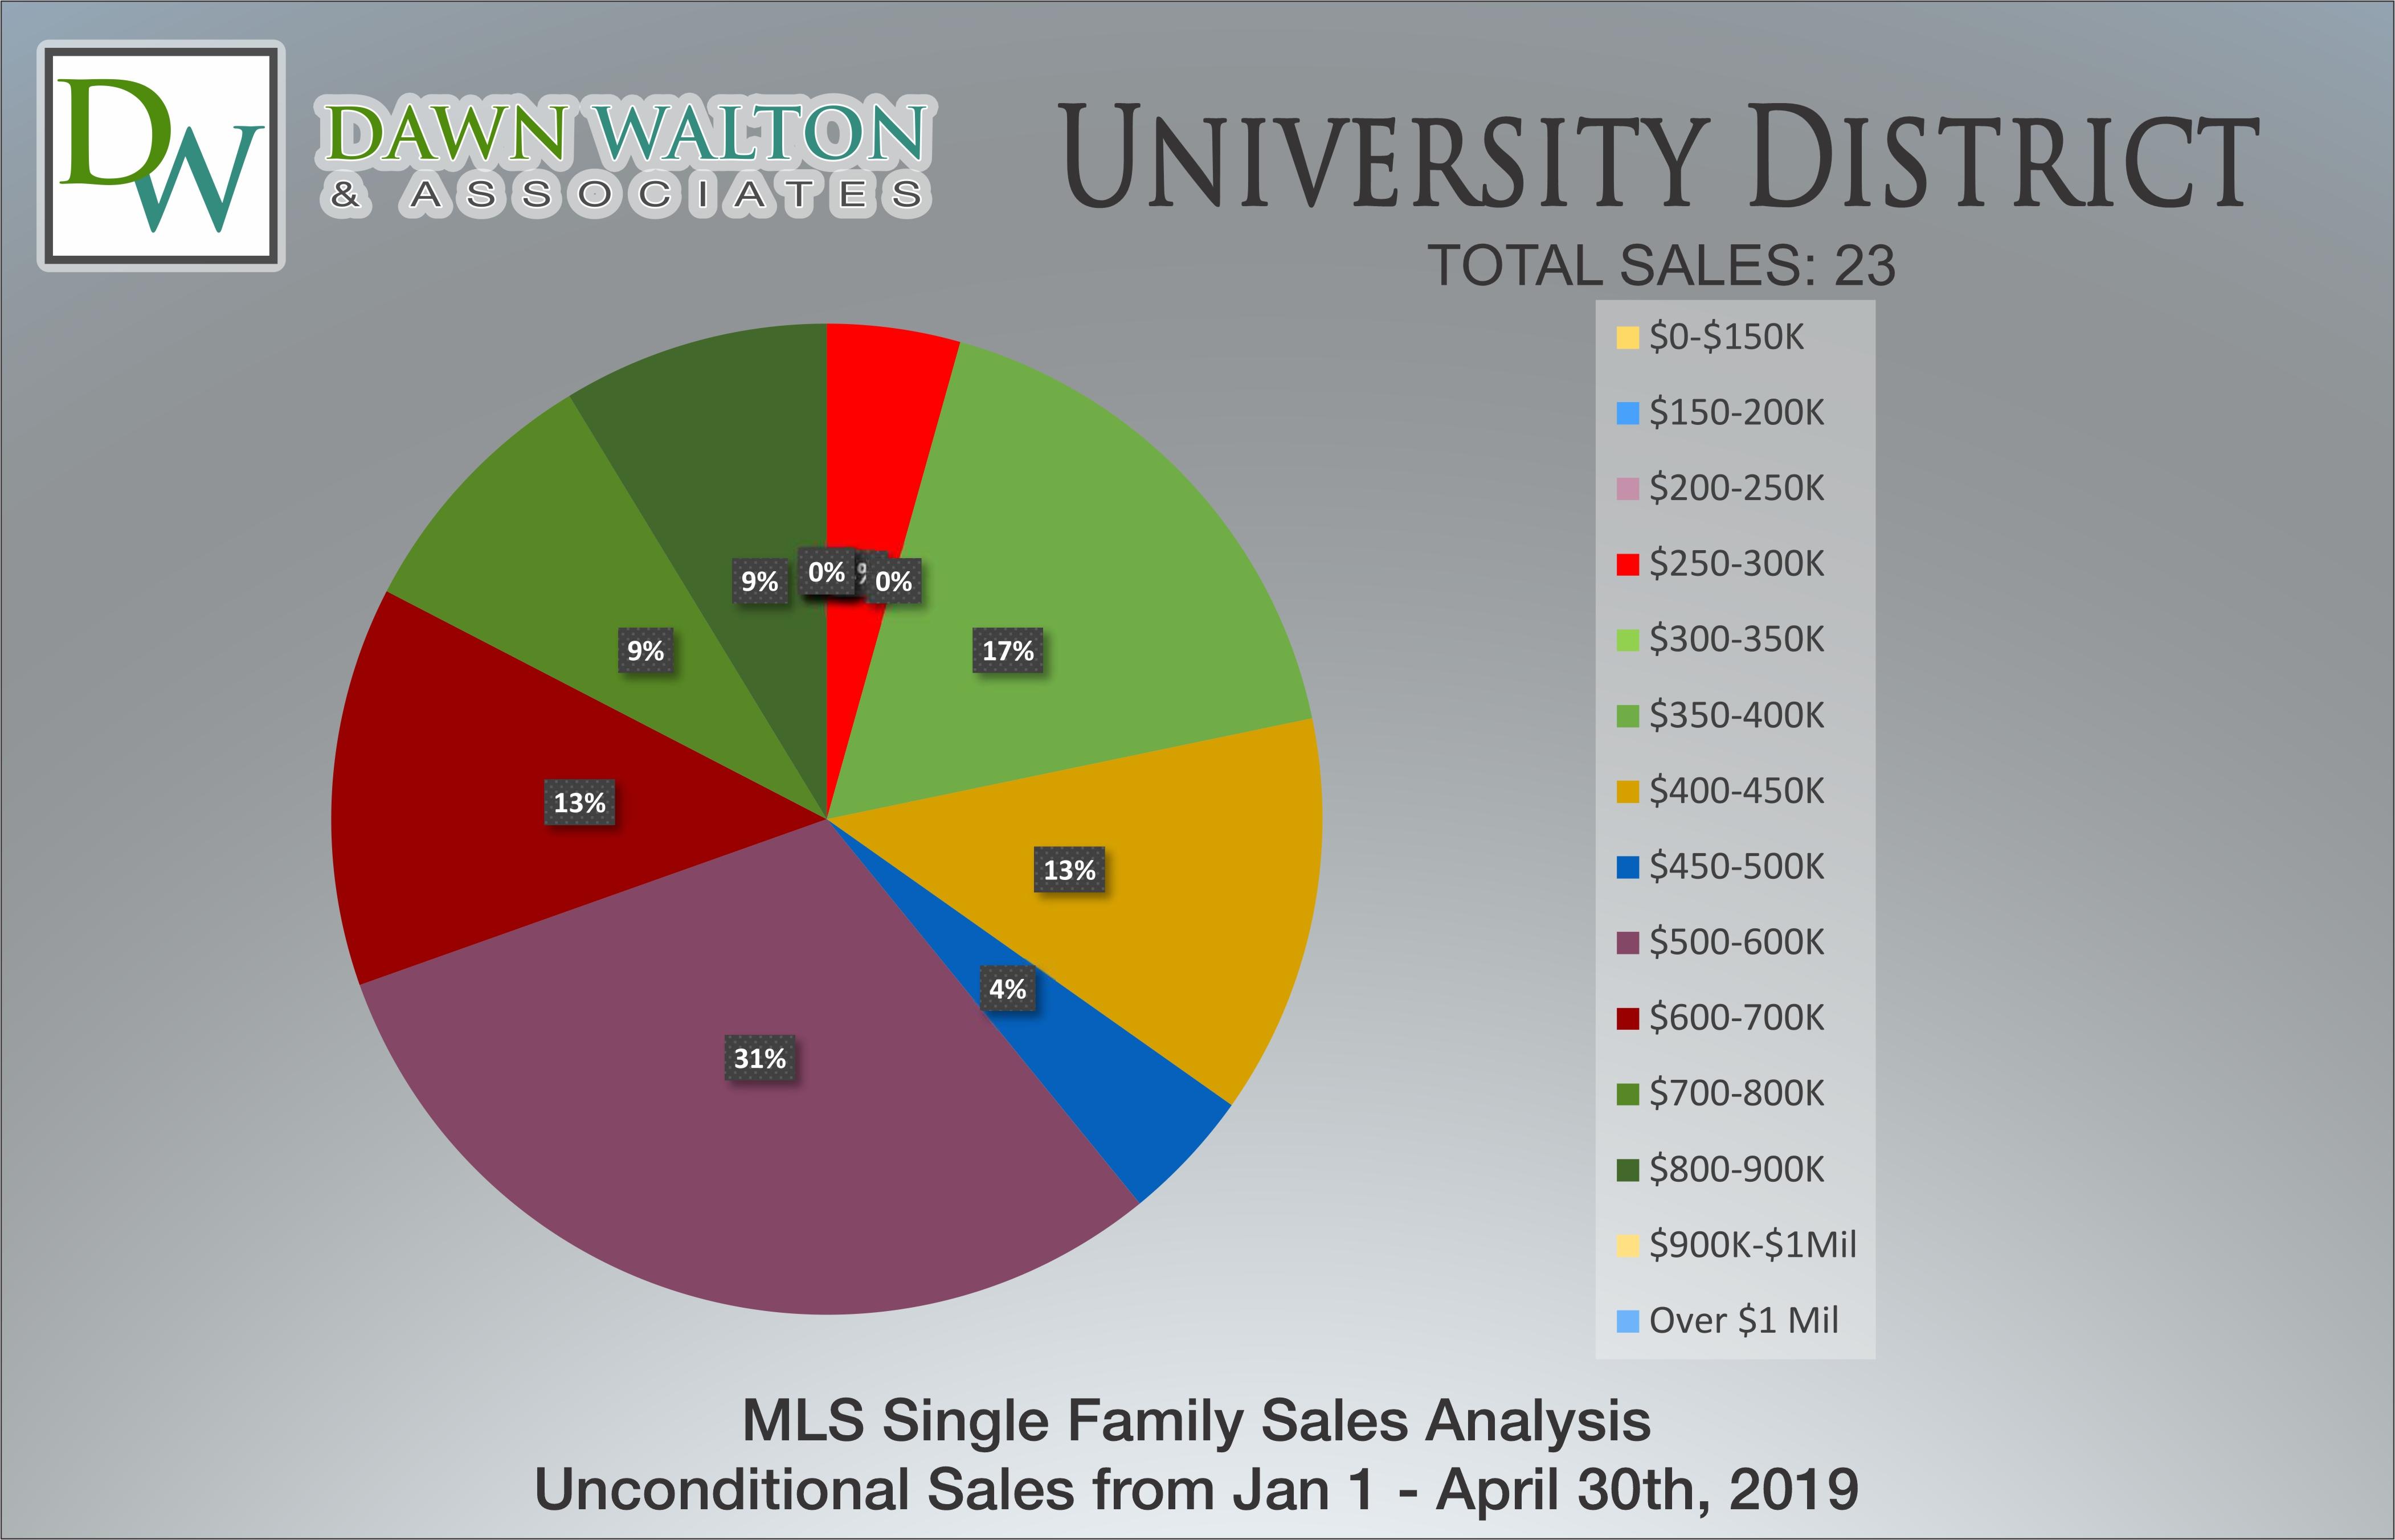 University District Real Estate Market Stats Price Percentage Jan 1 - April 30, 2019 - Nanaimo Realtor Dawn Walton